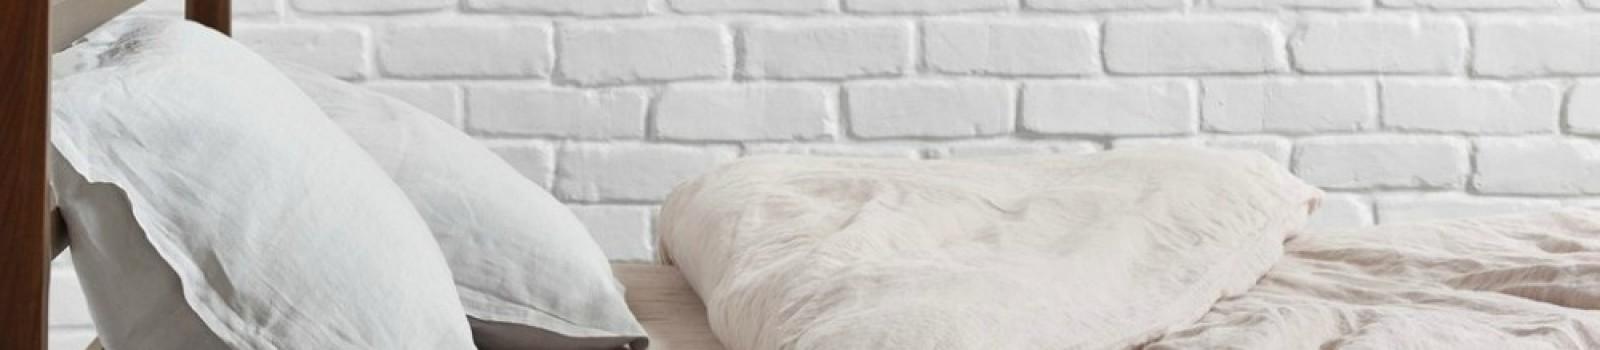 linen-duvet-cover-blush-editorial_1024x1024